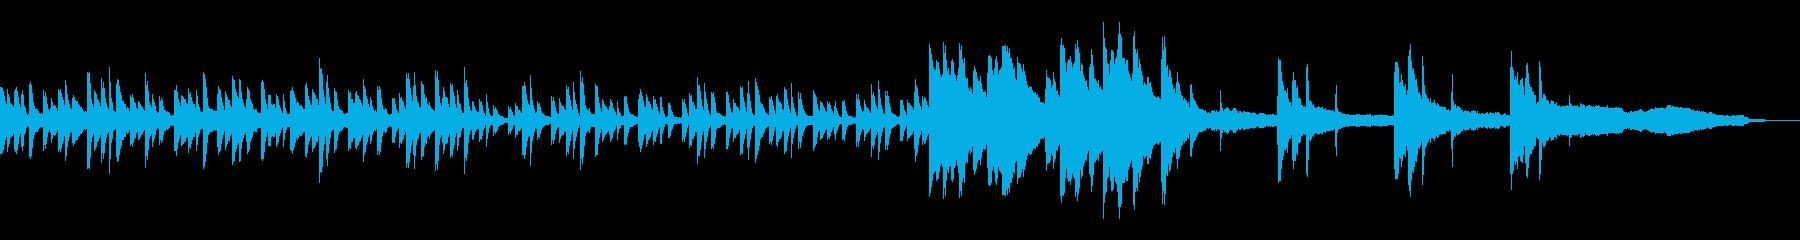 神秘的・癒やし系生ピアノ・リラックスの再生済みの波形